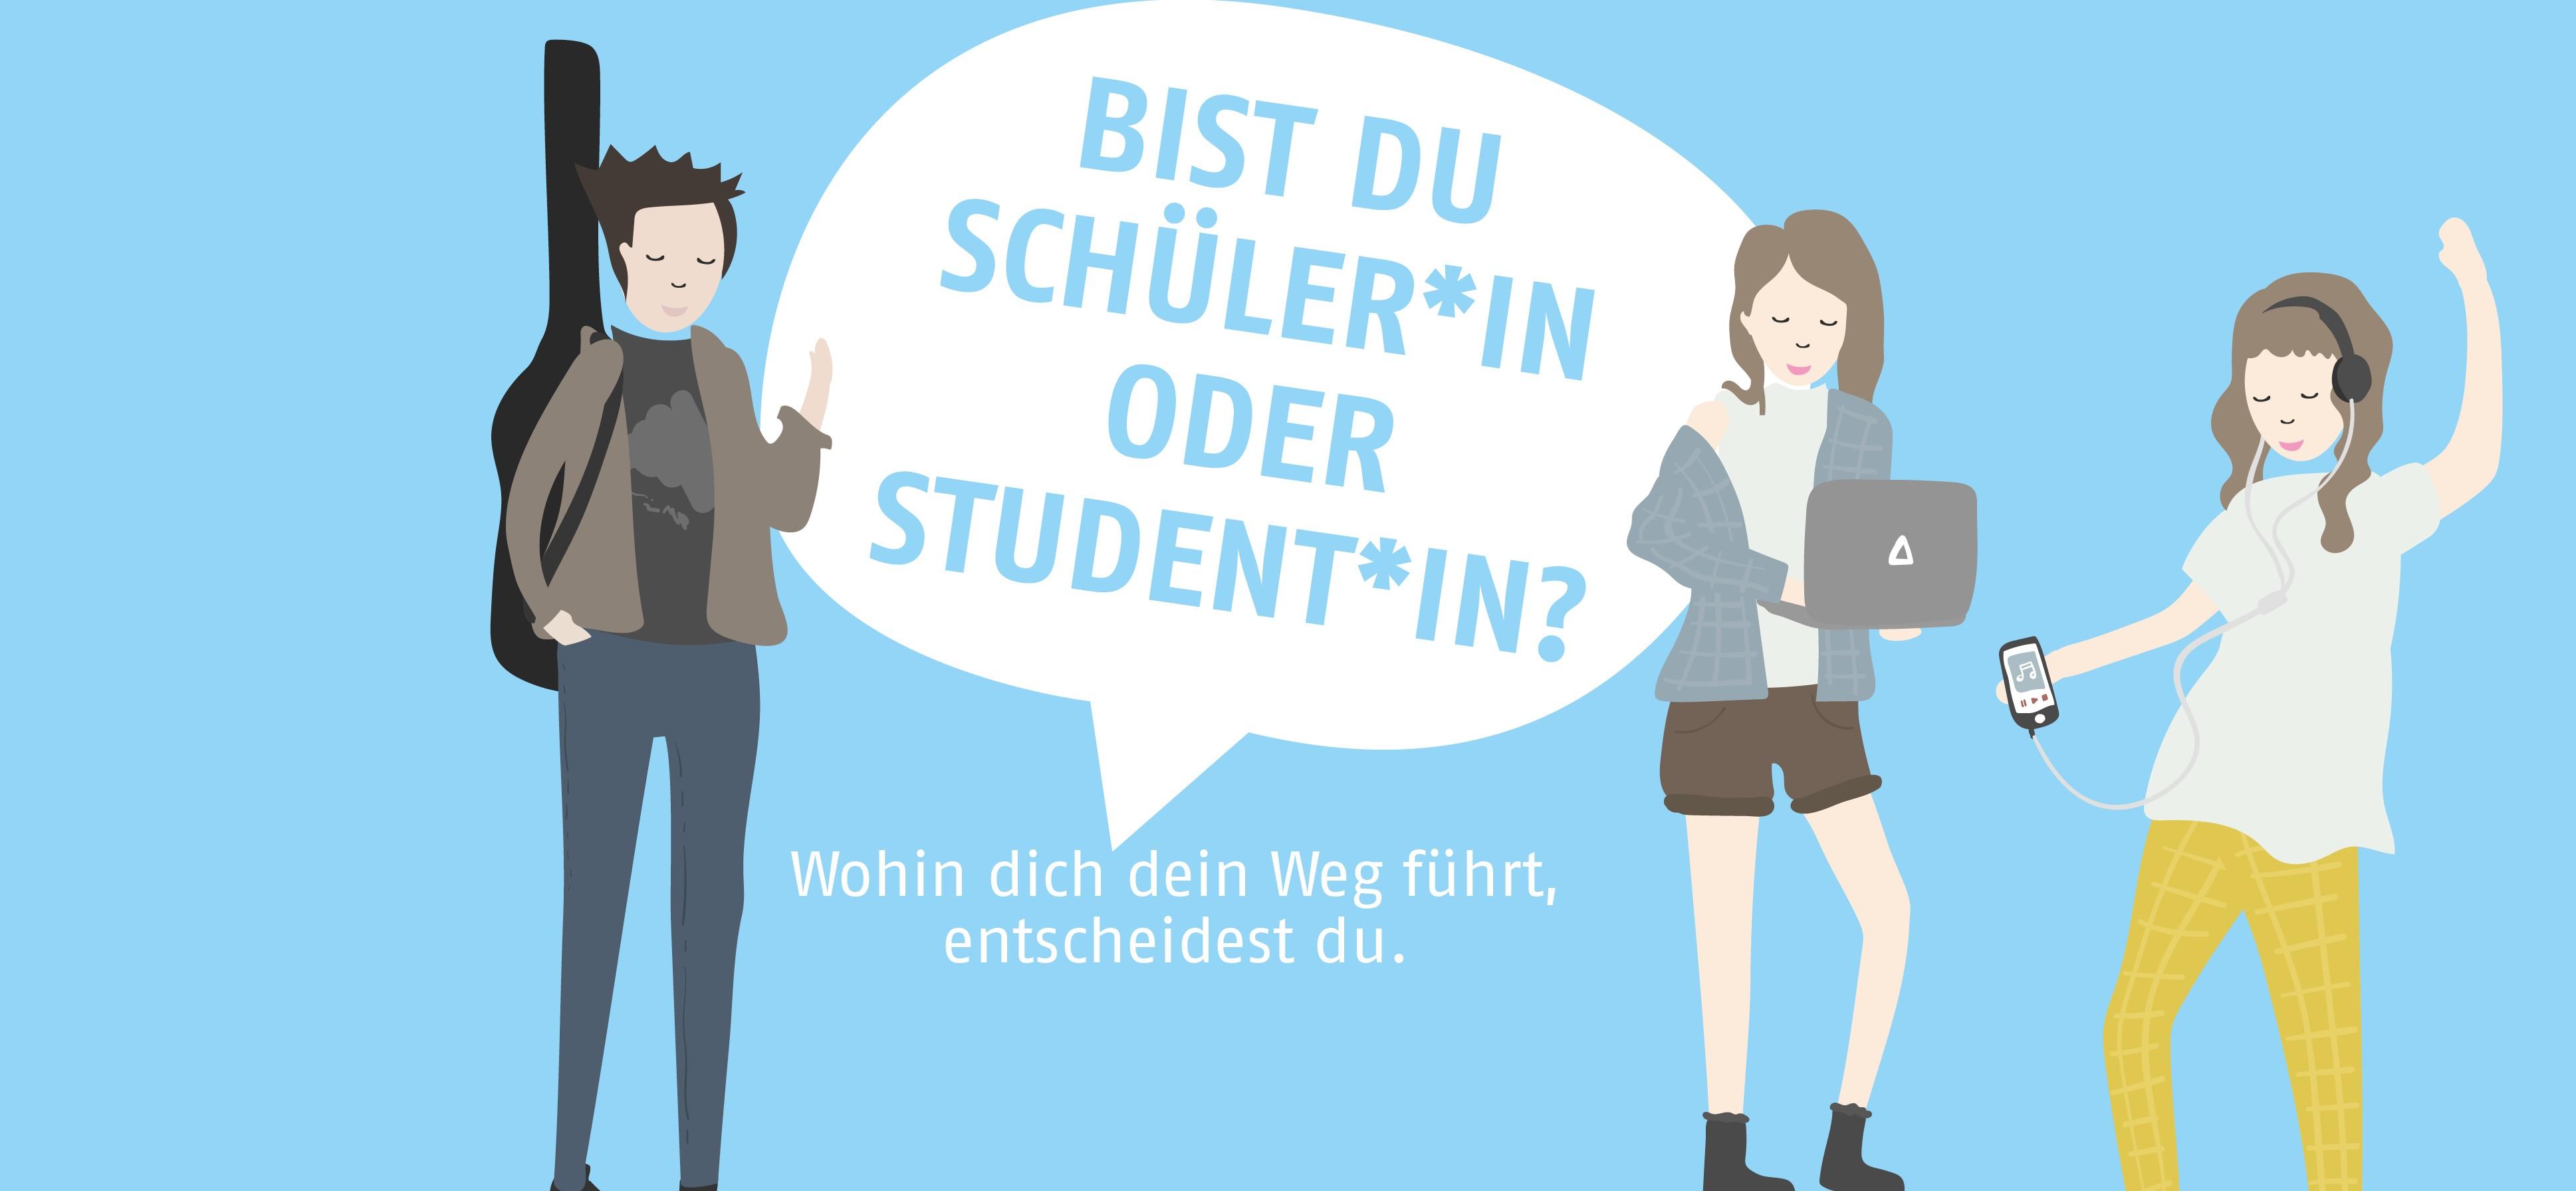 AWO Bezirksverband Ober- und Mittelfranken e. V. - Schüler*/Studenten*innen